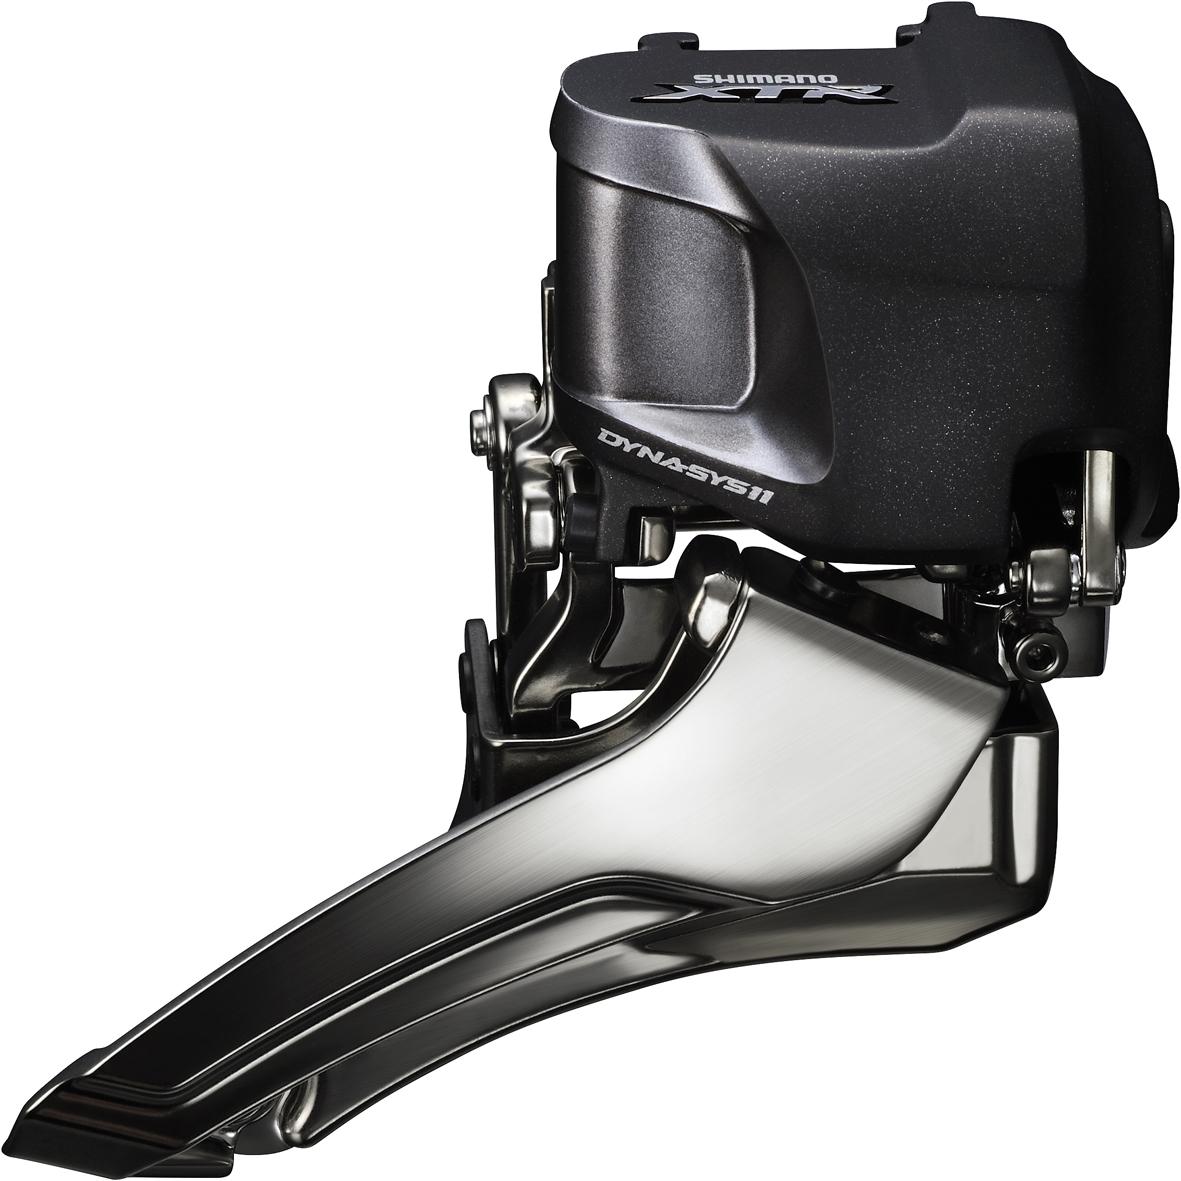 8ca36c321f4 Shimano XTR Di2 M9050 Triple 11s Front Derailleur - Derailleurs Front -  Cycle SuperStore